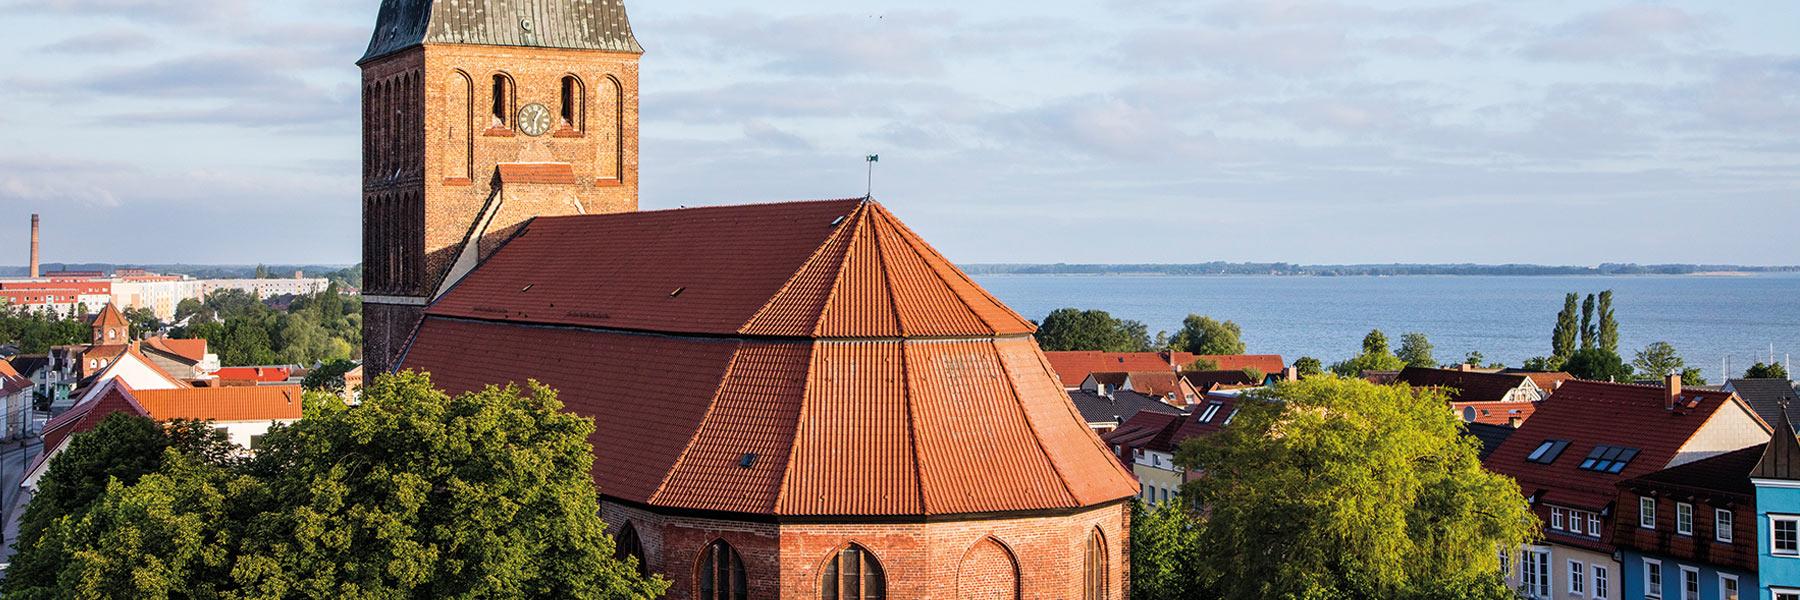 Stadtausblick - Ribnitz-Damgarten